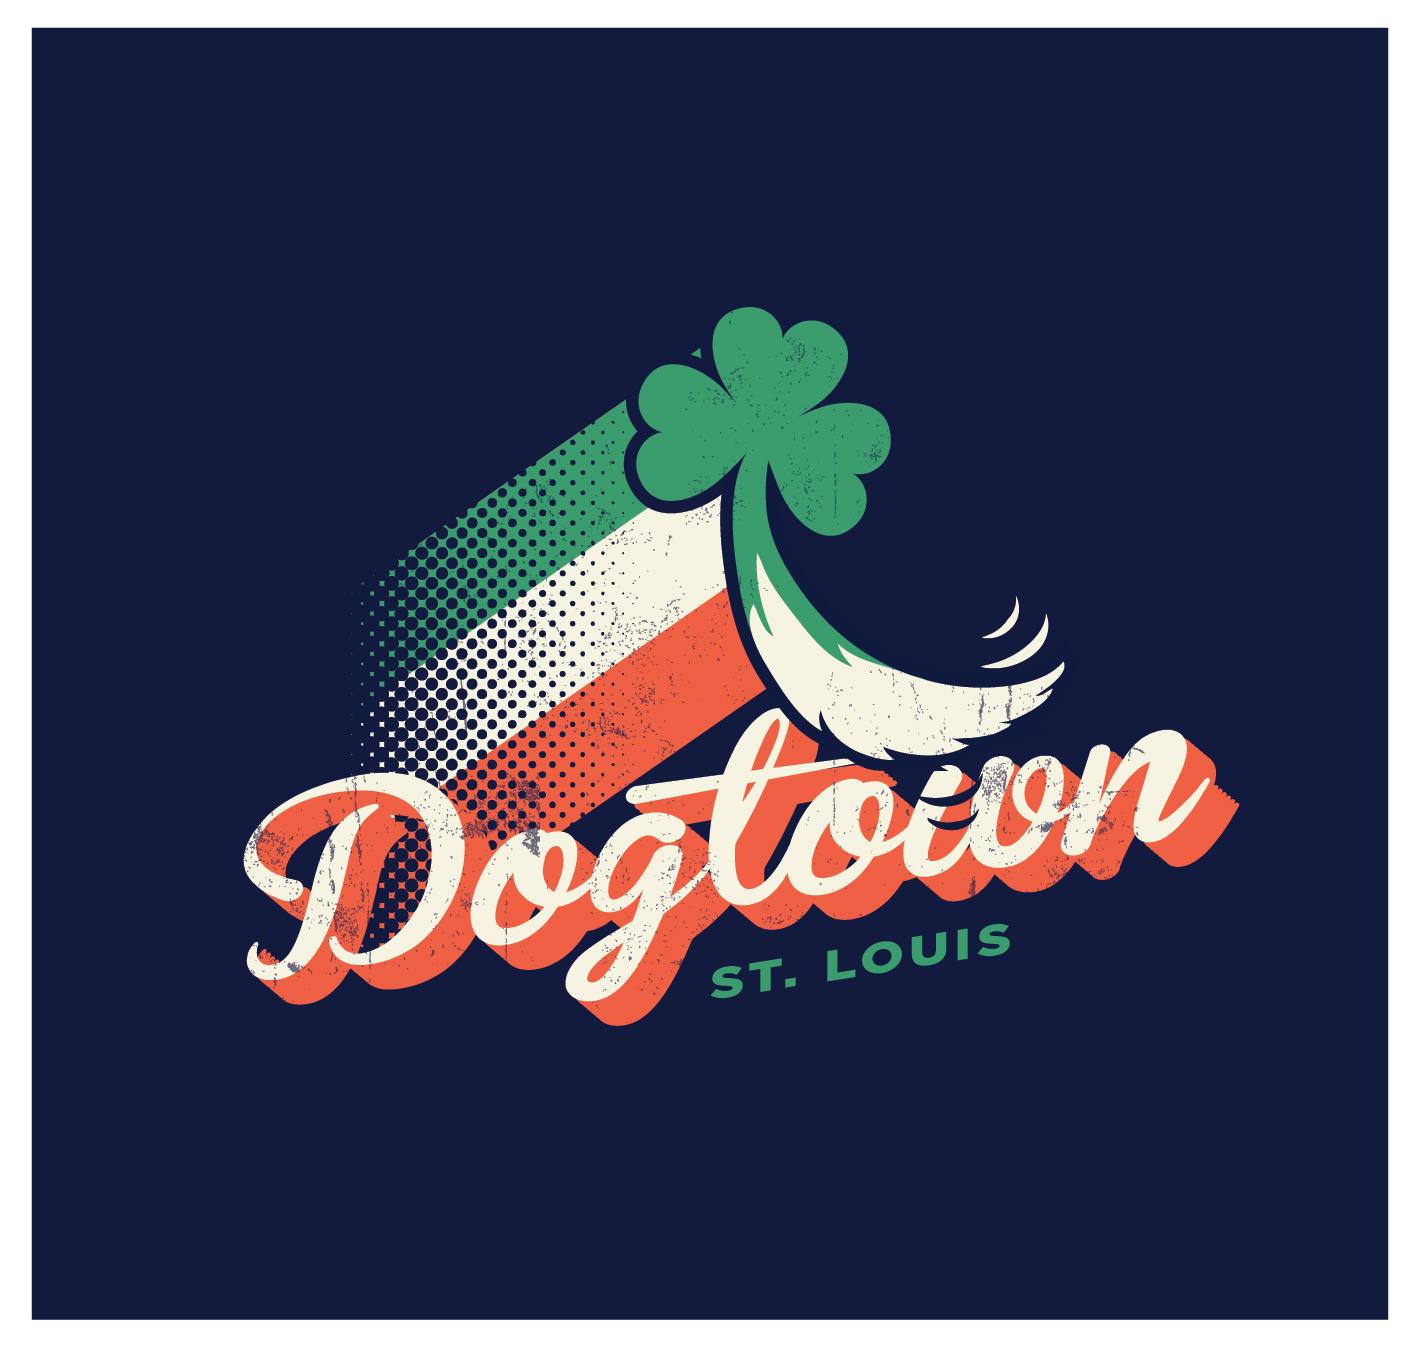 dogtown-01.jpg